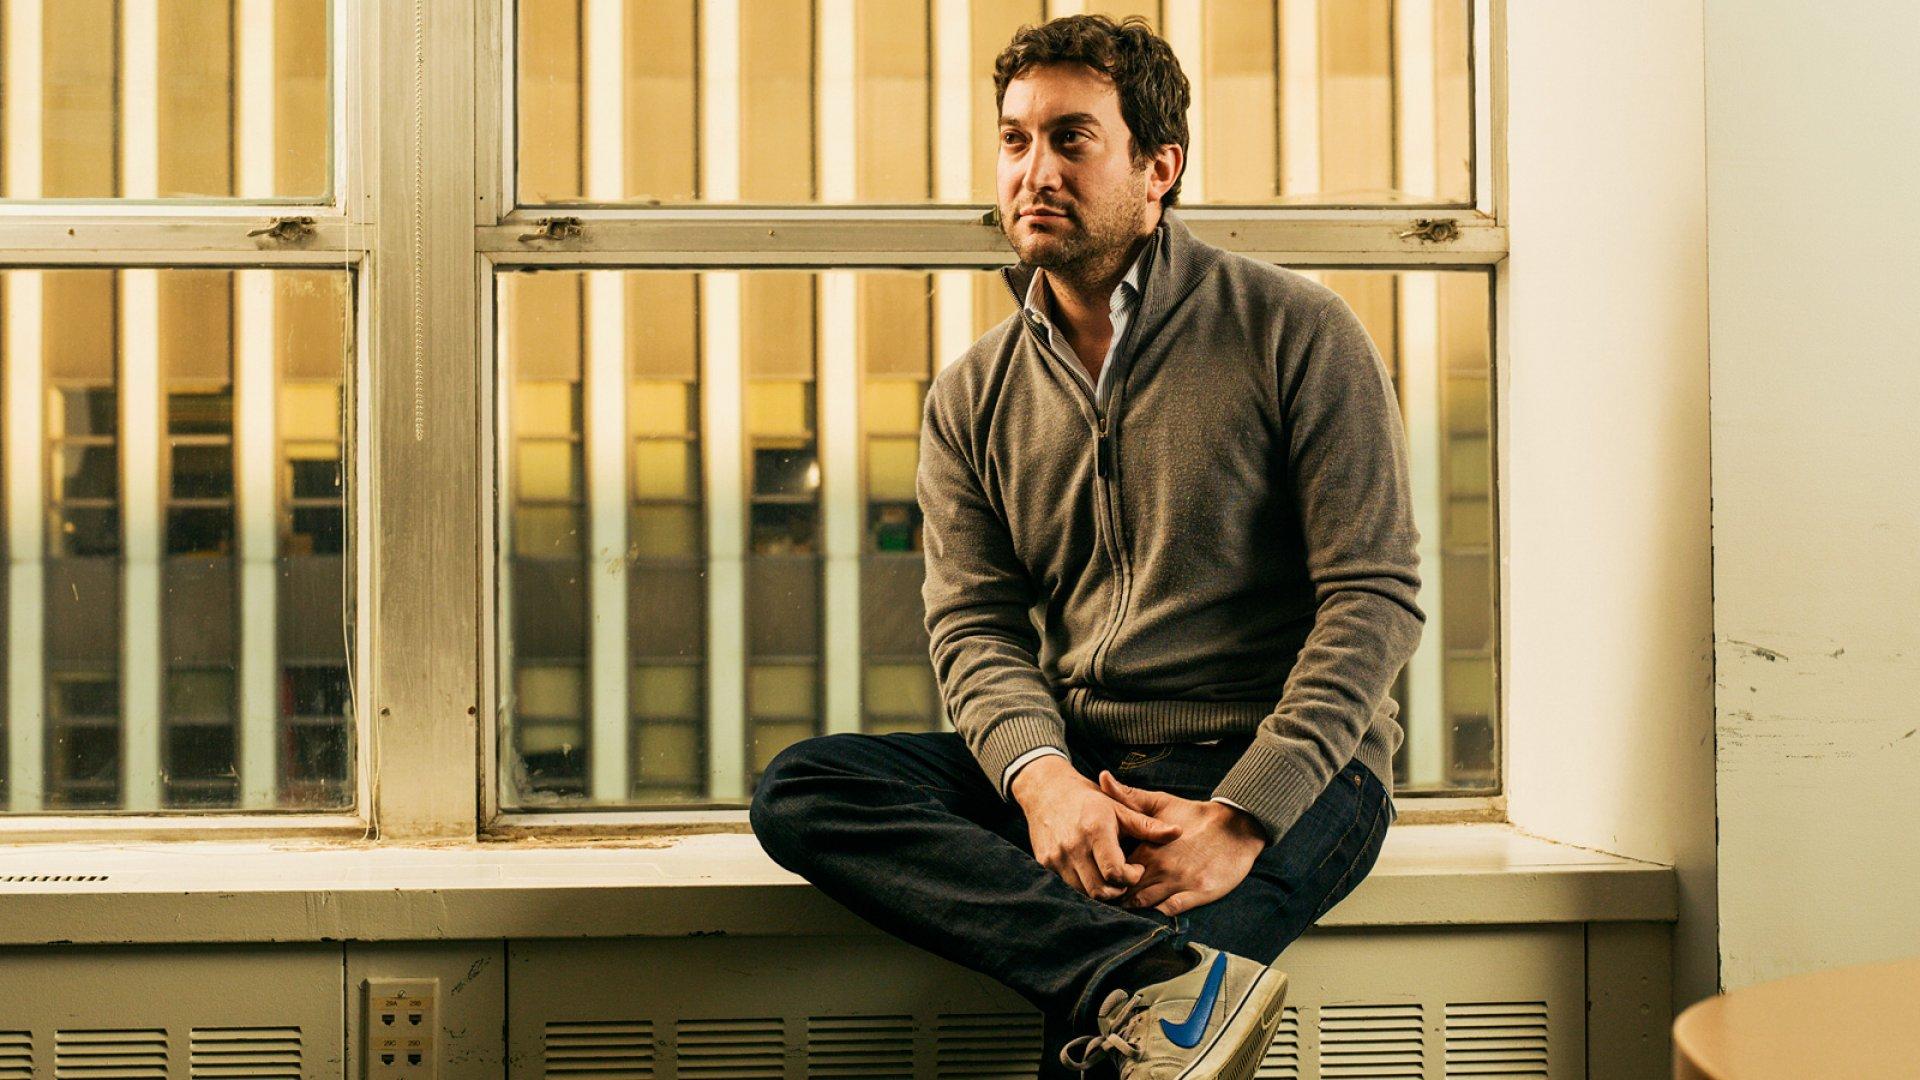 7 Questions for Shutterstock's Jon Oringer